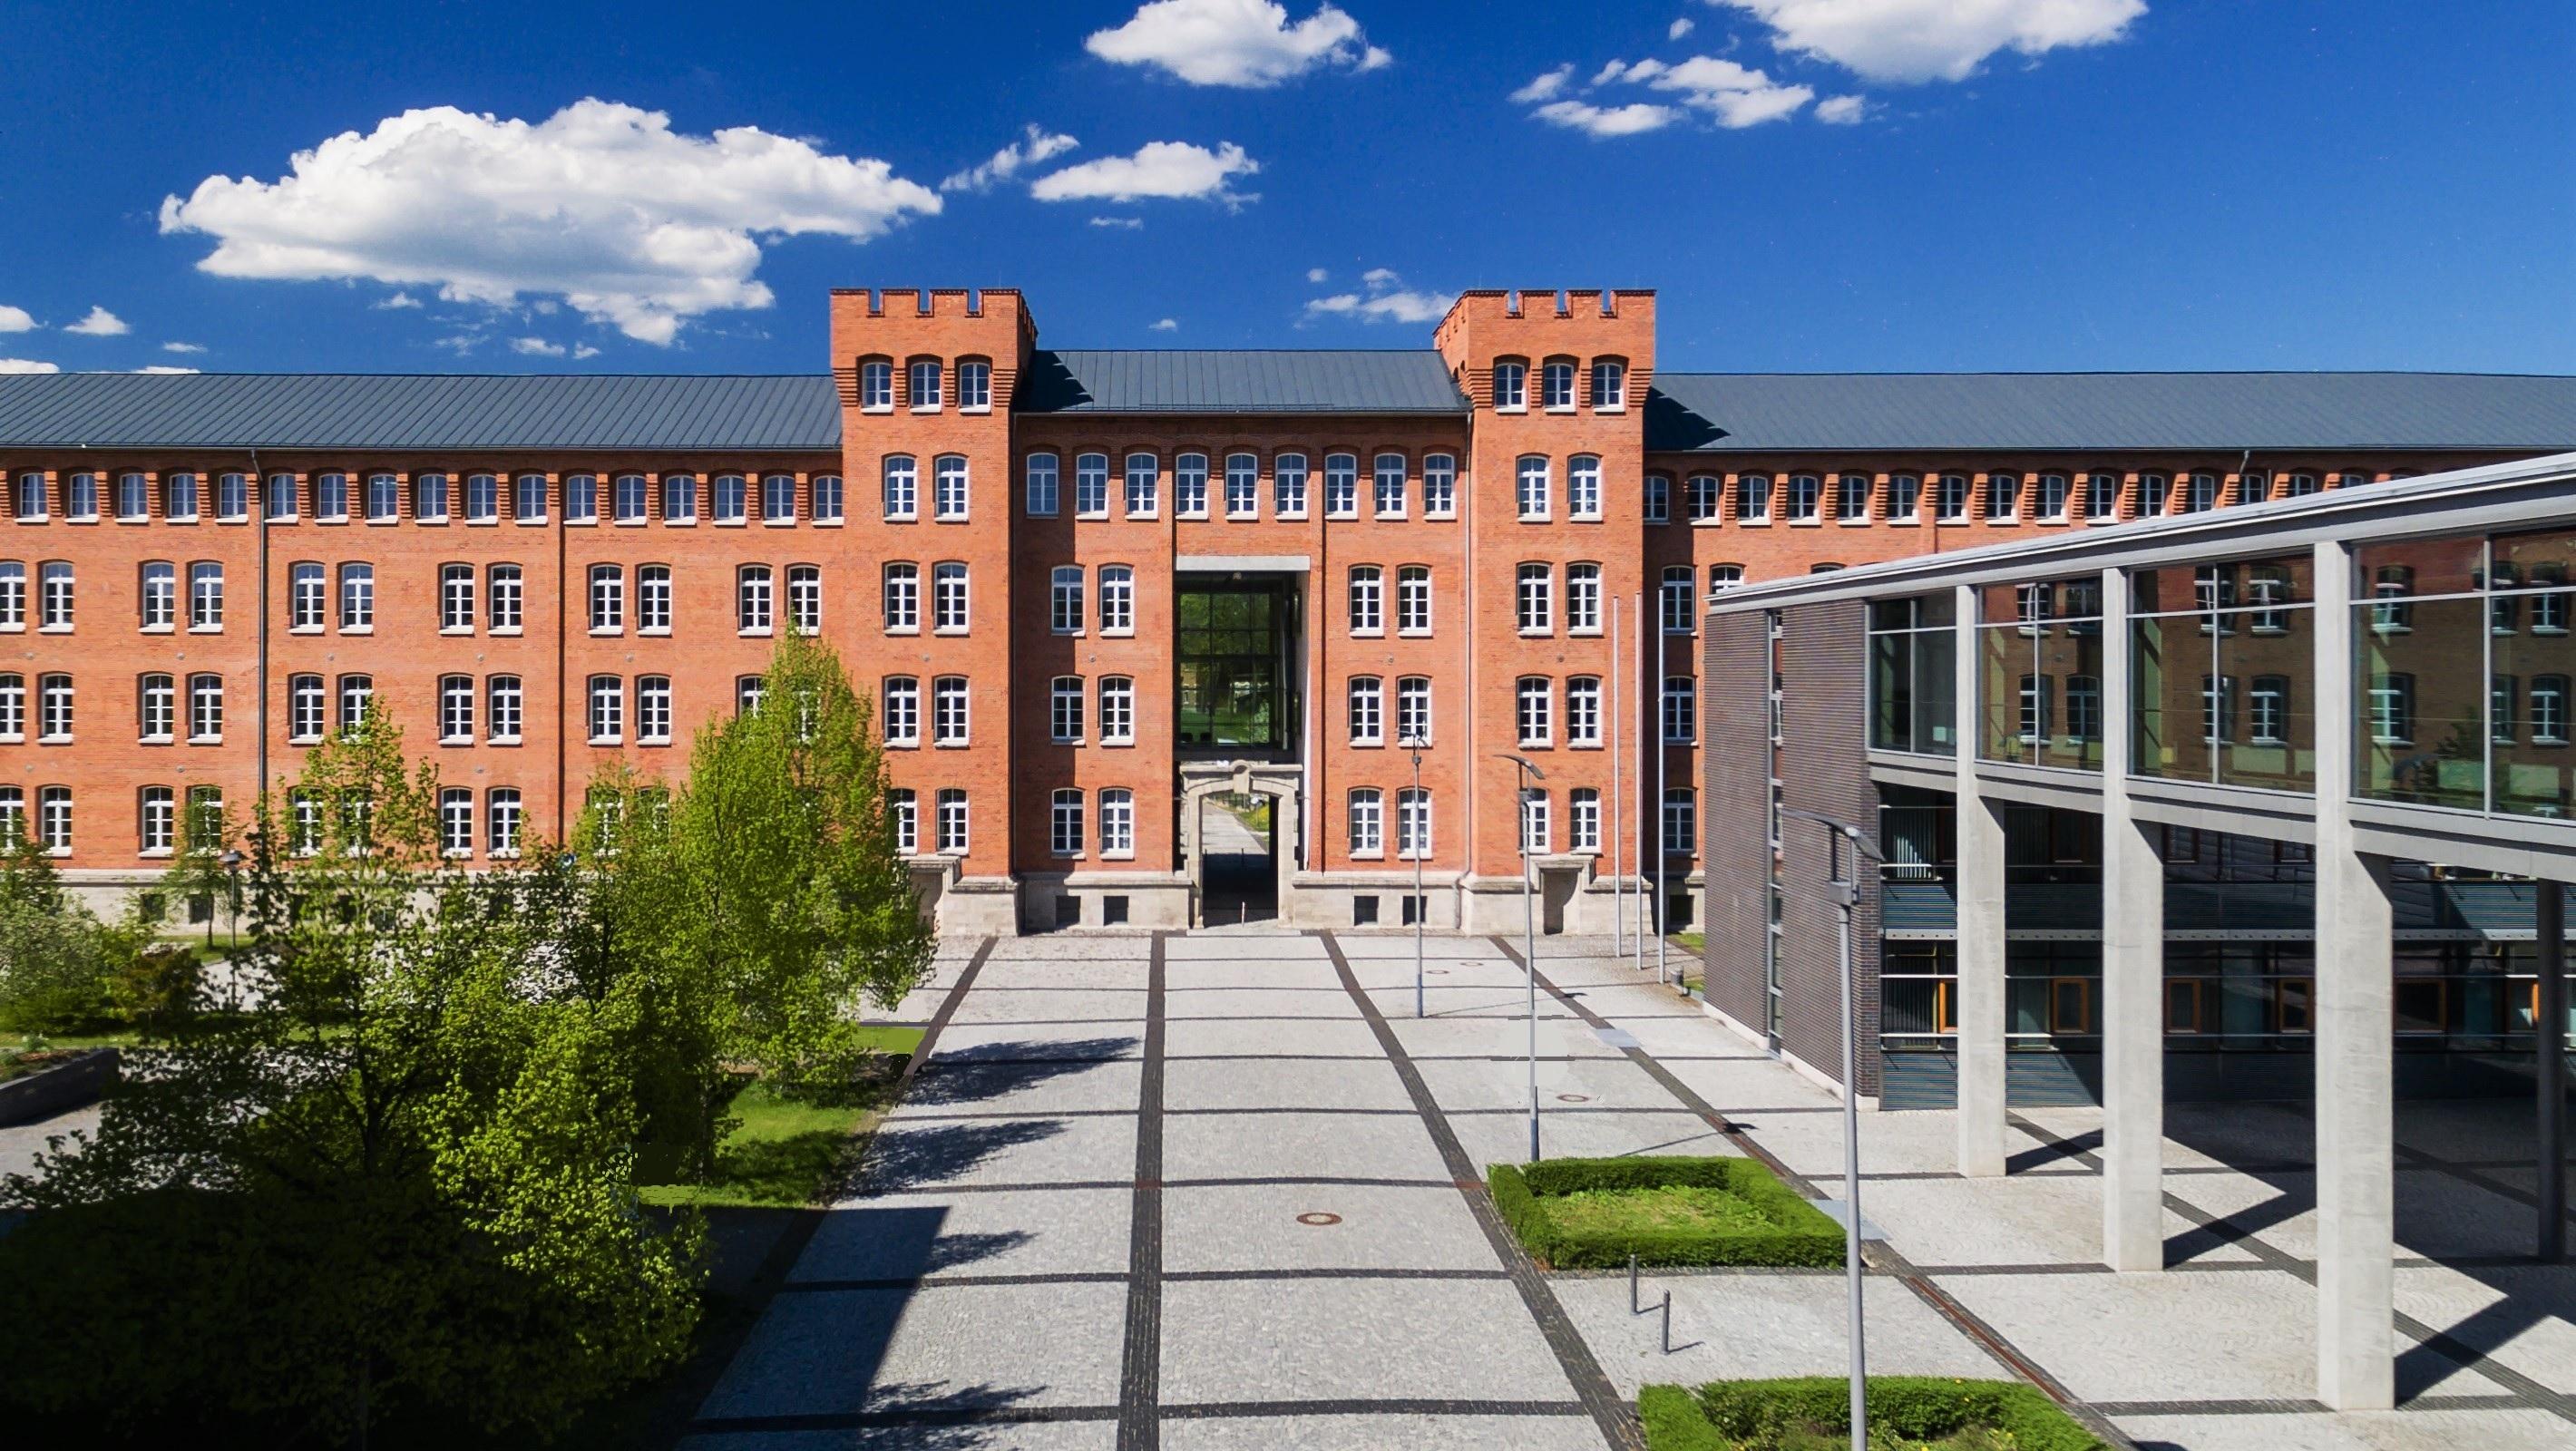 Bild: Gerichtsgebäude des Landgerichts Meiningen